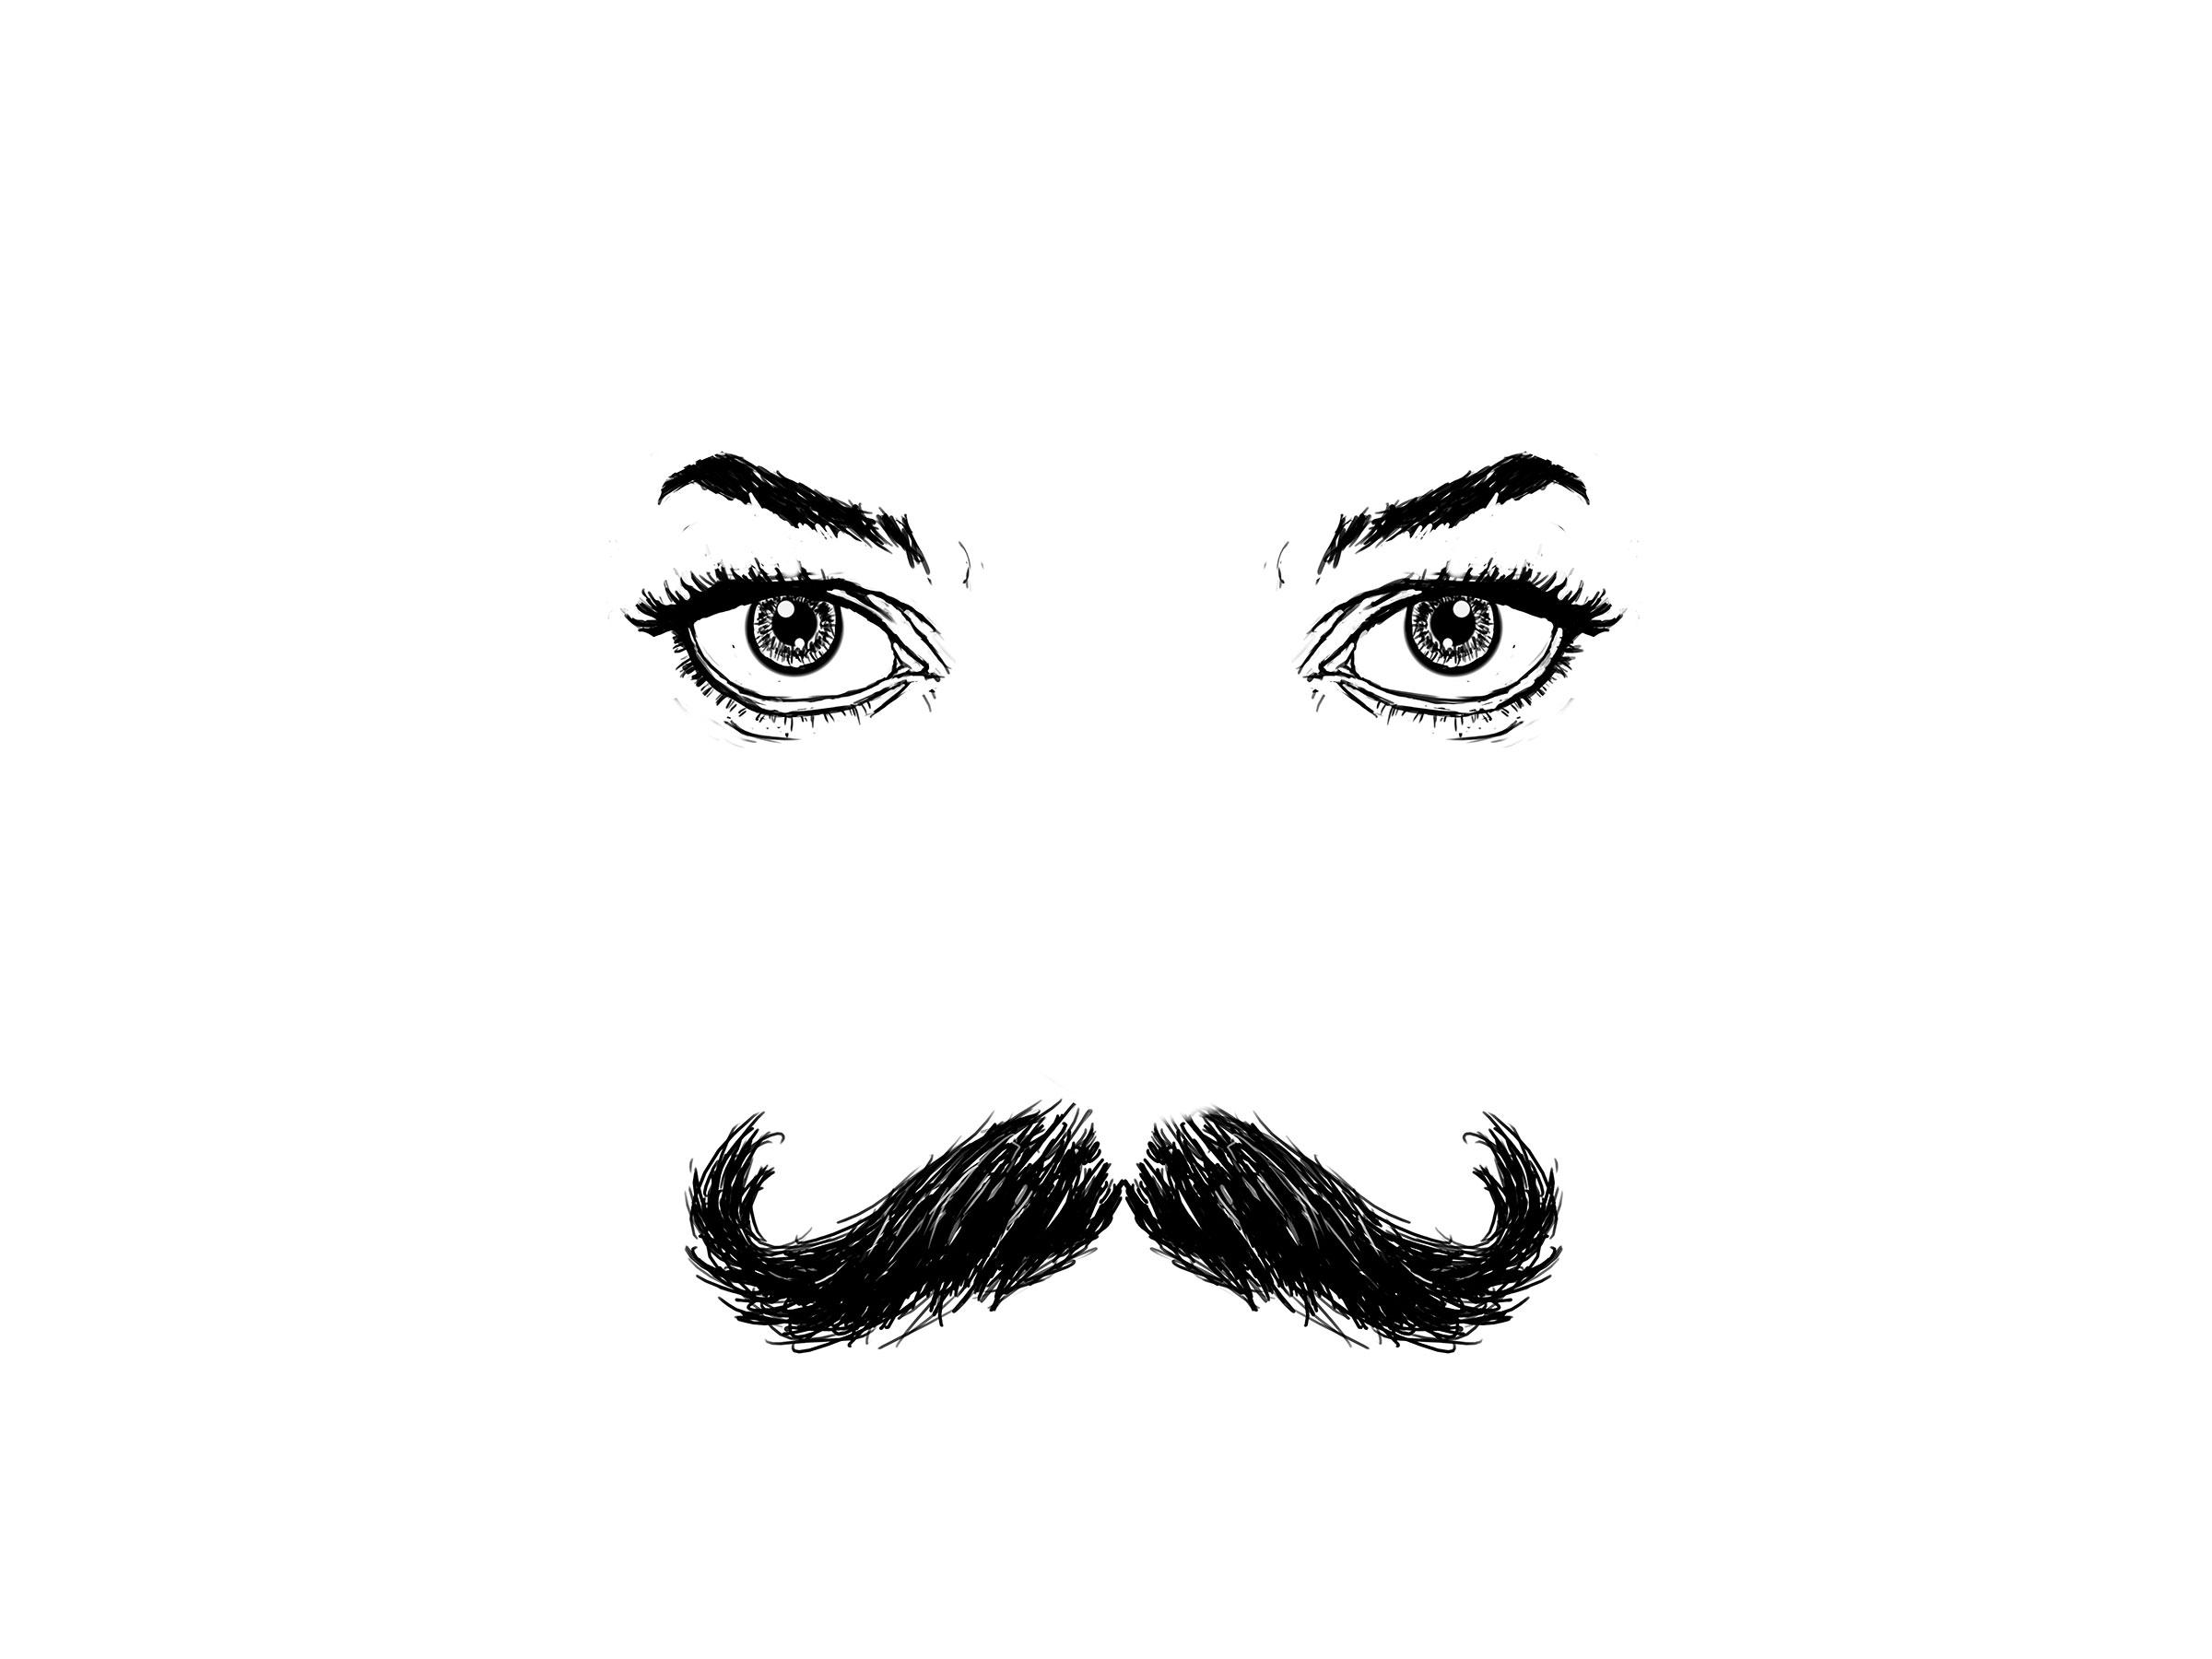 yeux féminins avec une moustache